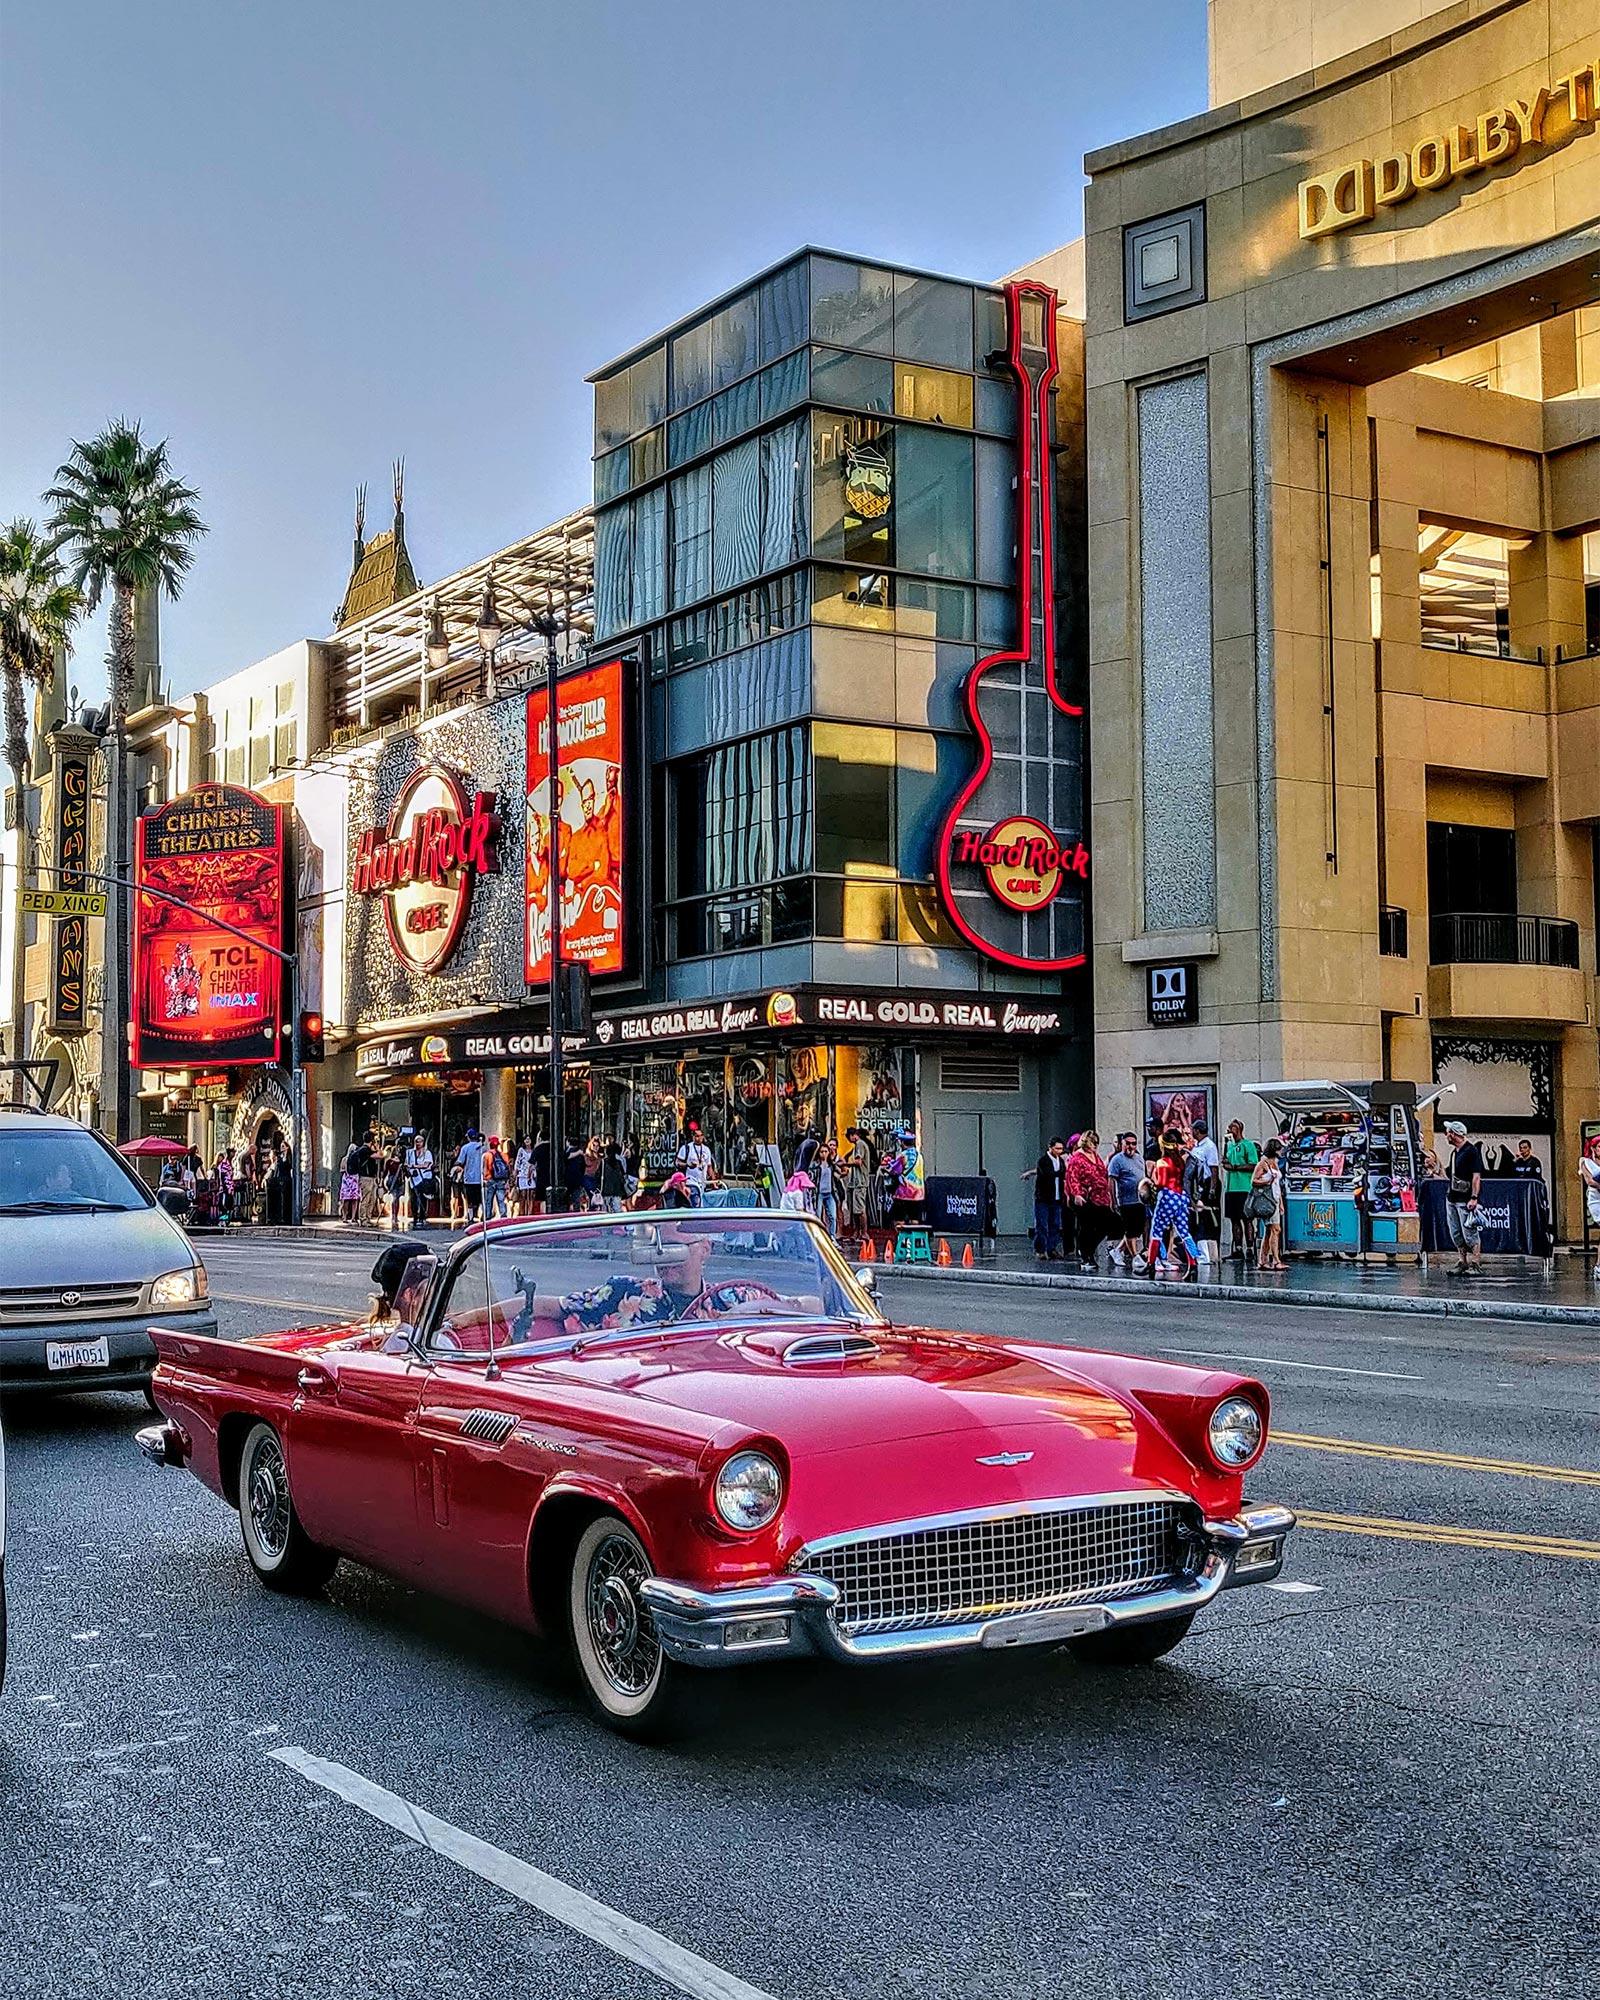 Hollywood neighborhood in Los Angeles.